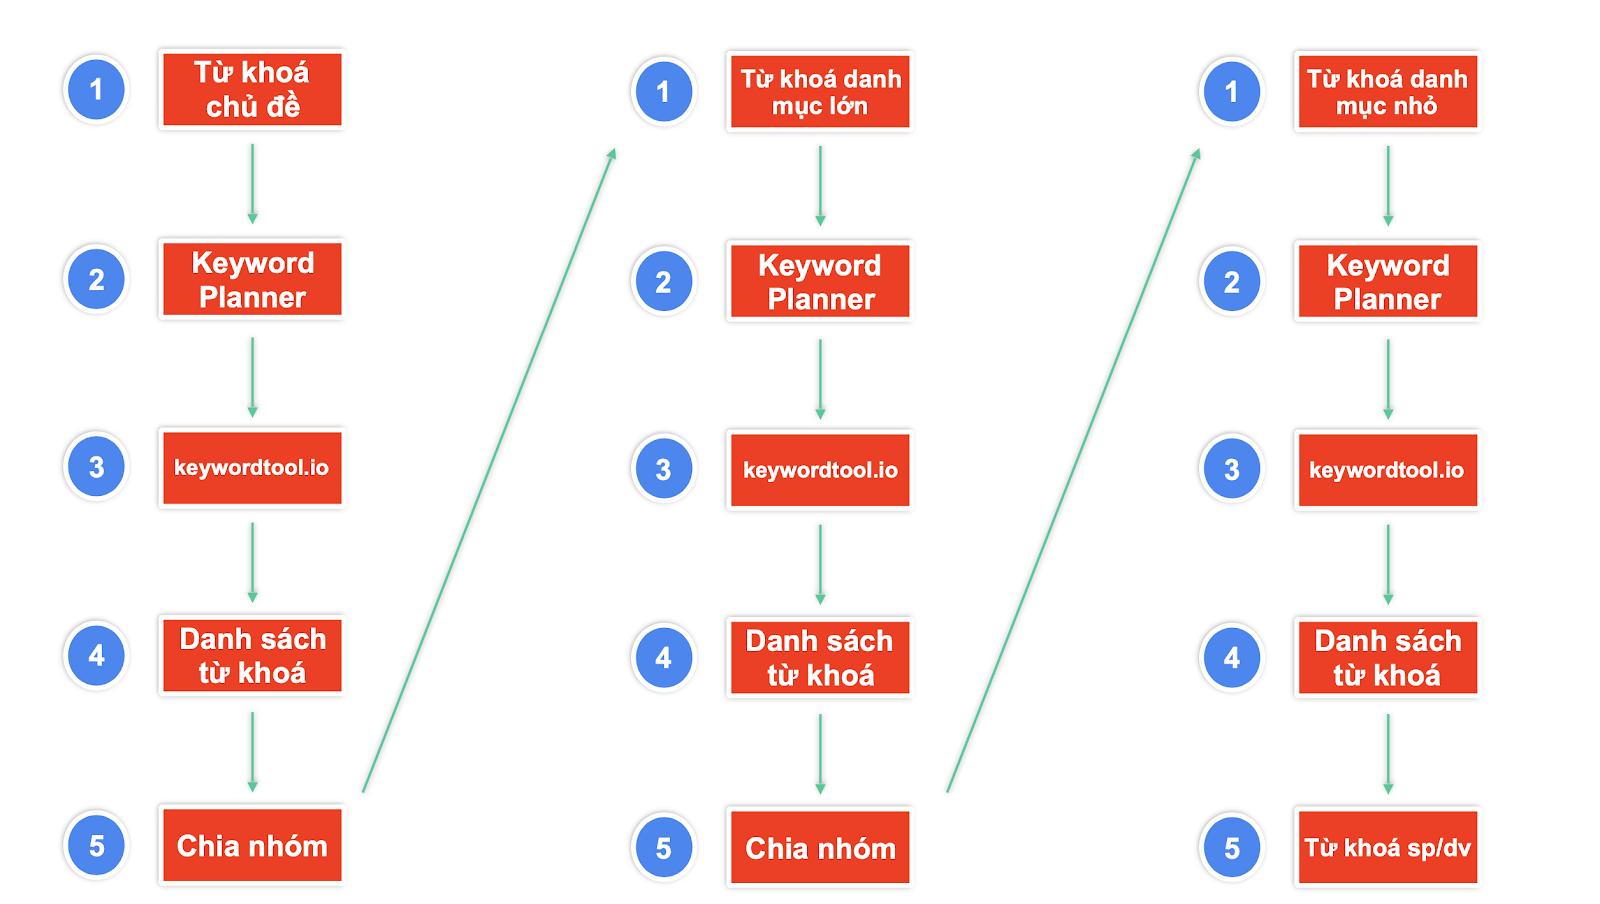 Quy trình nghiên cứu từ khóa SEO 3x5 của SEONGON